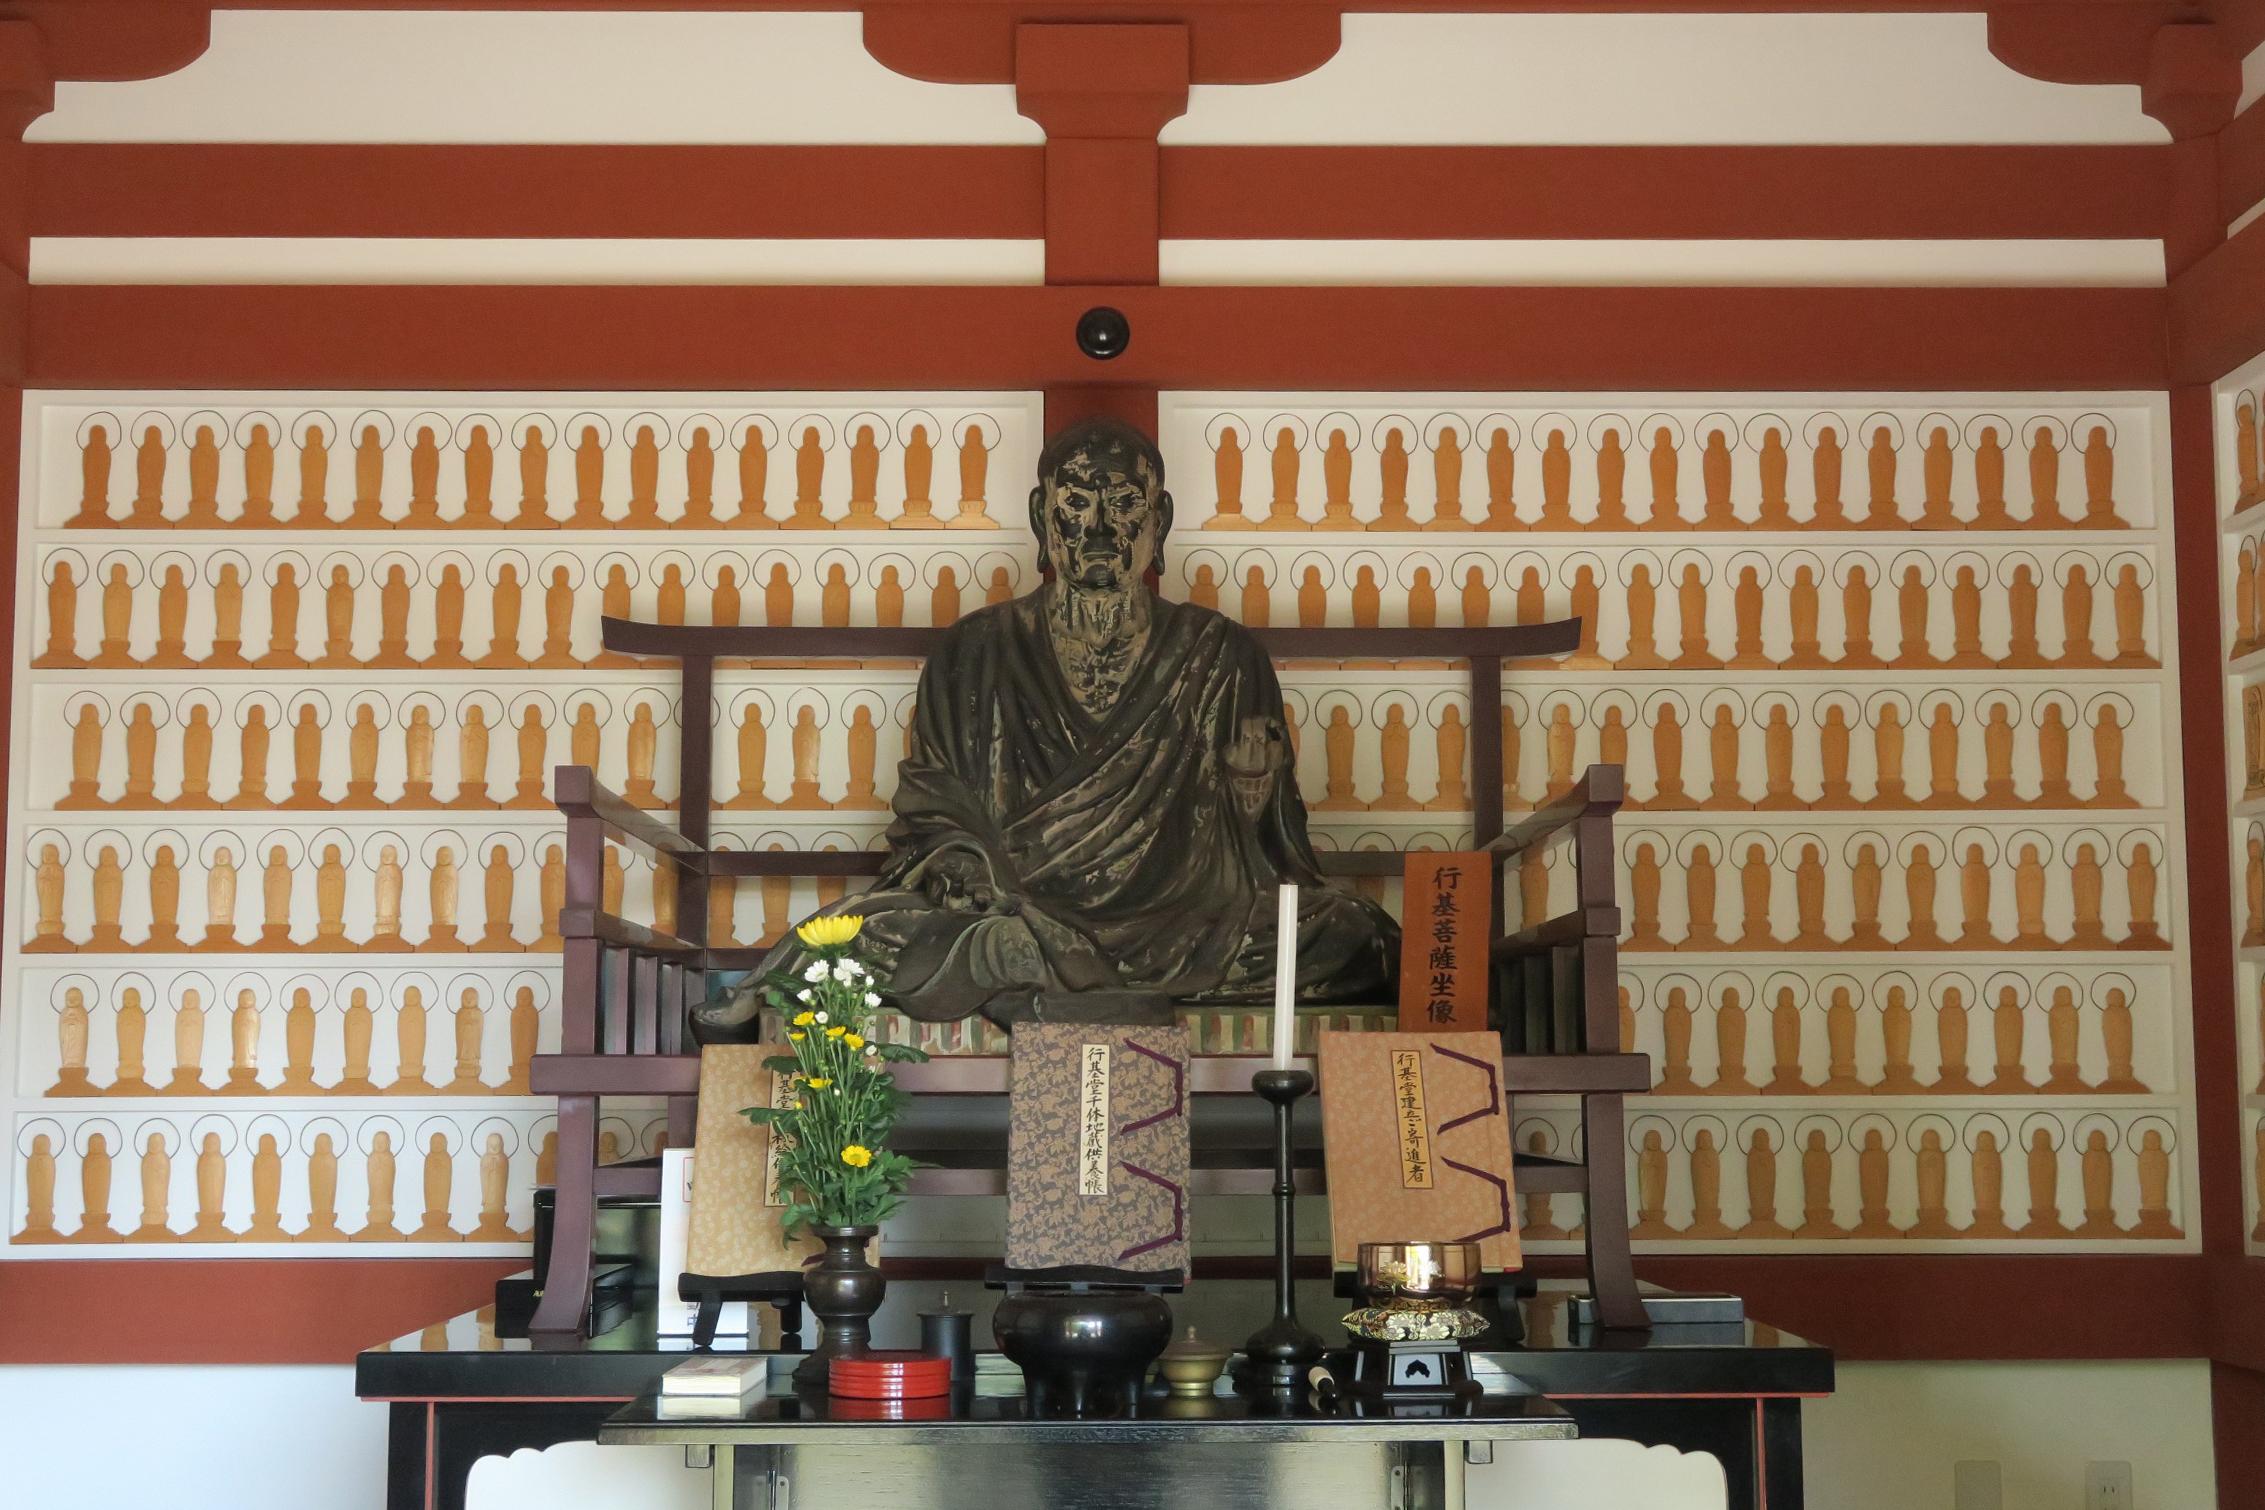 「行基菩薩坐像」。唐招提寺所蔵の坐像を複製したものだそうです。